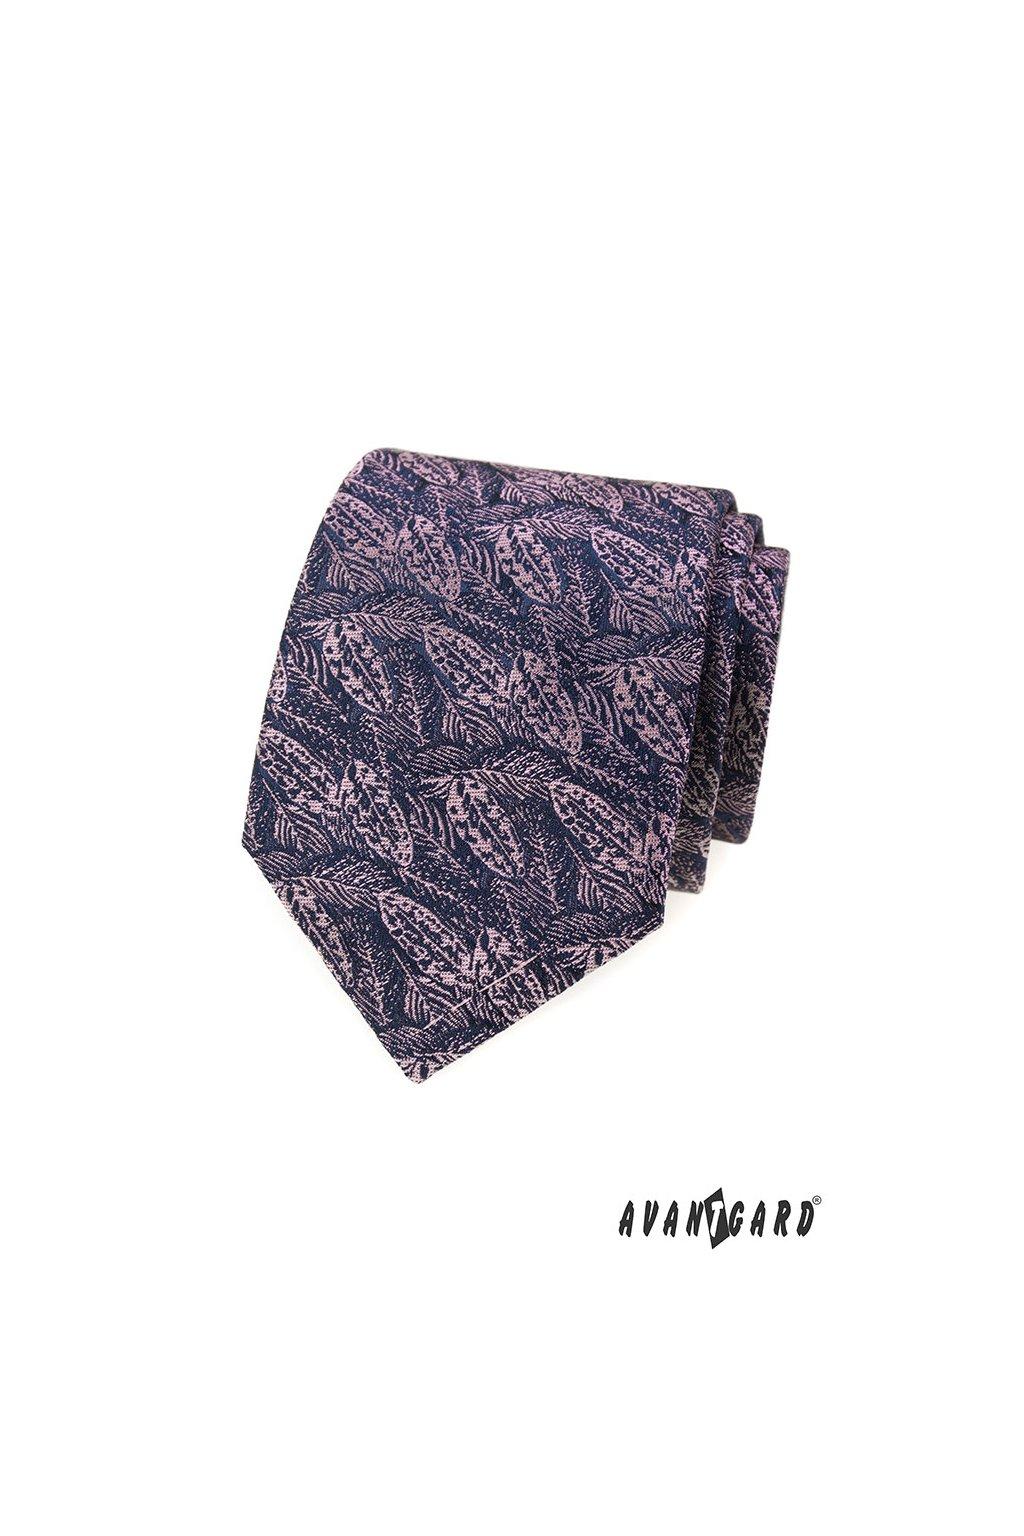 Modrá luxusní kravata s růžovými listy 561 - 62380